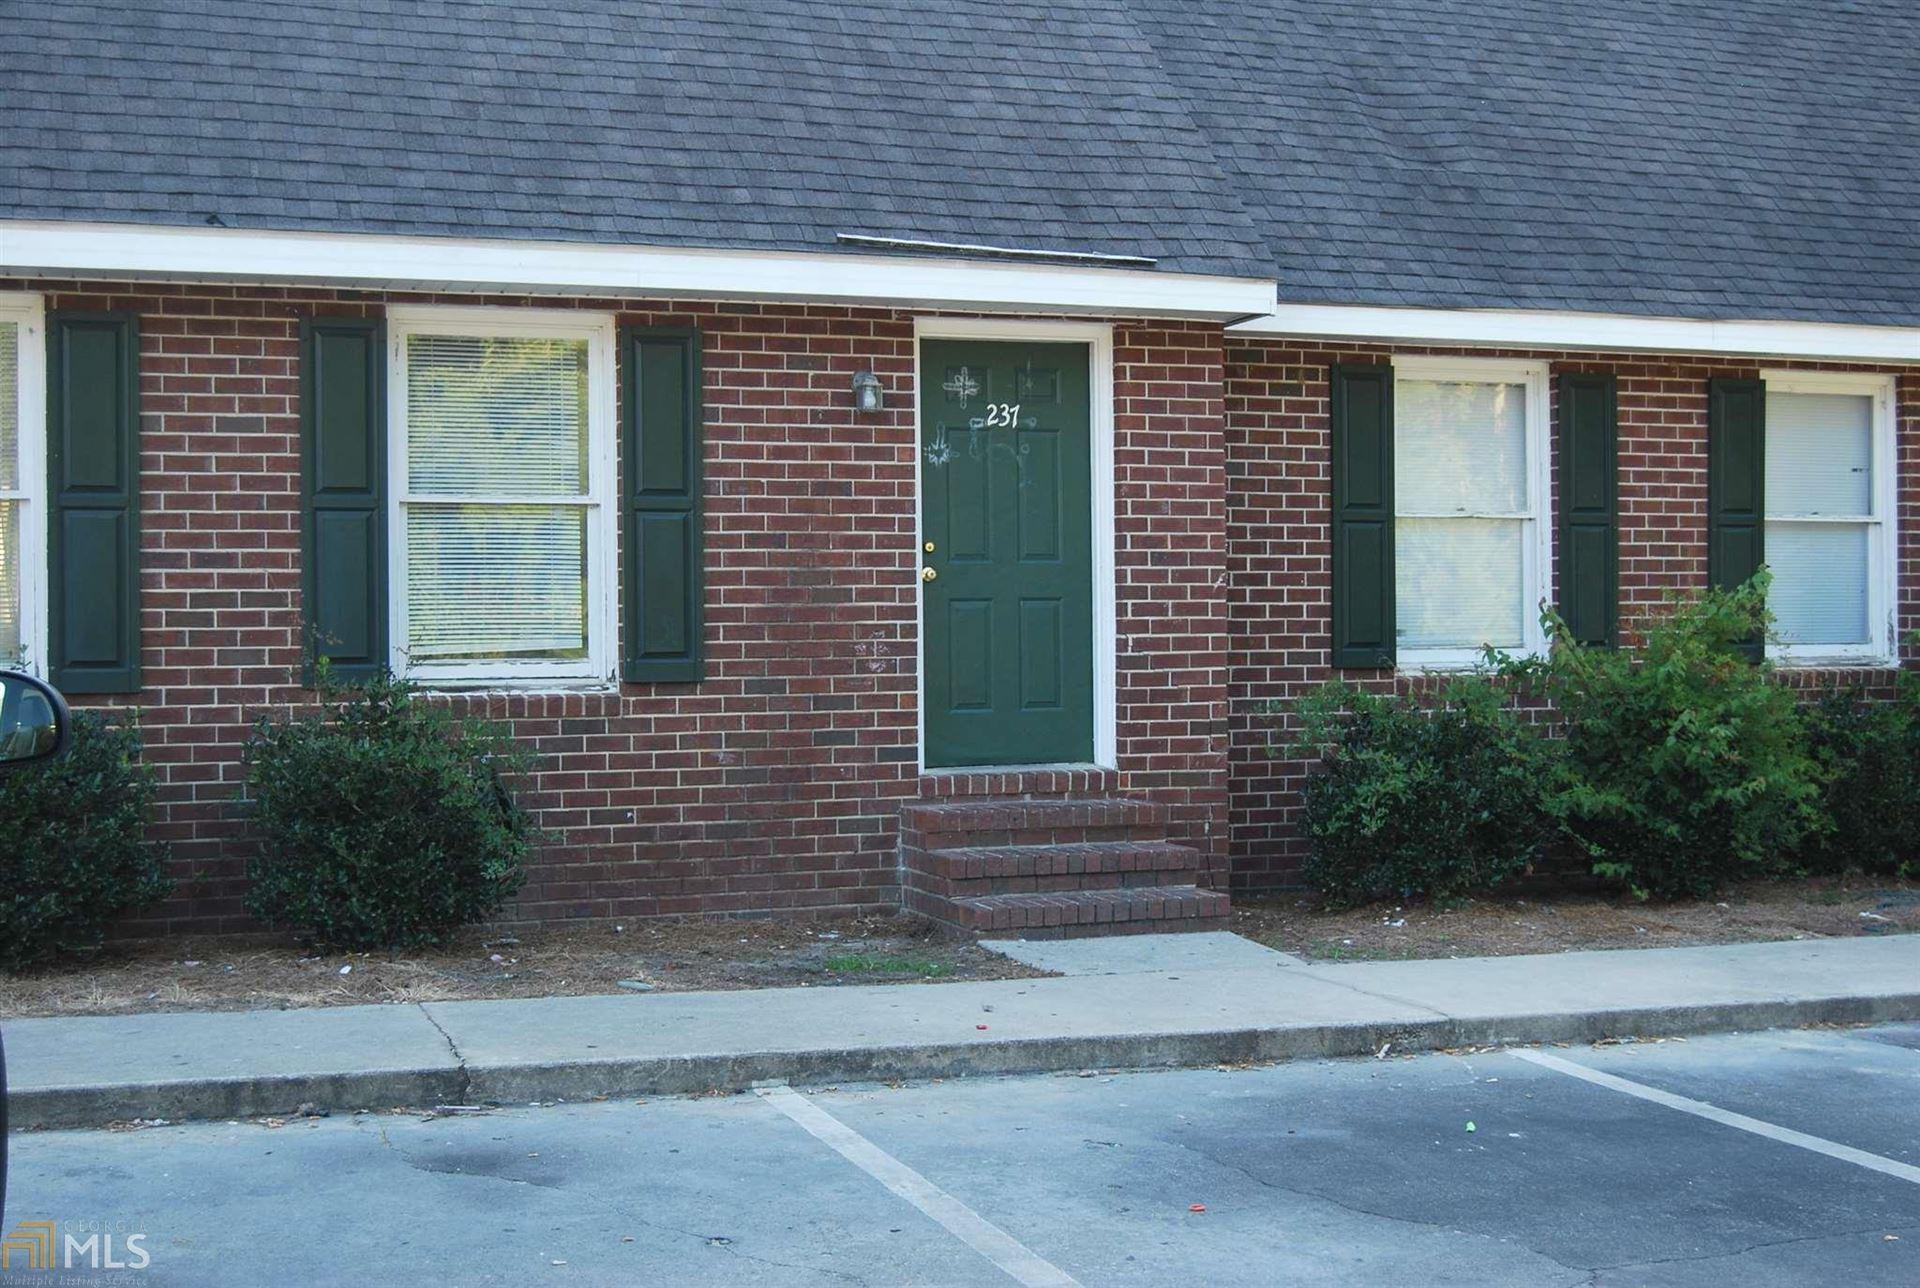 230 Lanier Dr, Statesboro, GA 30458 - #: 8821824